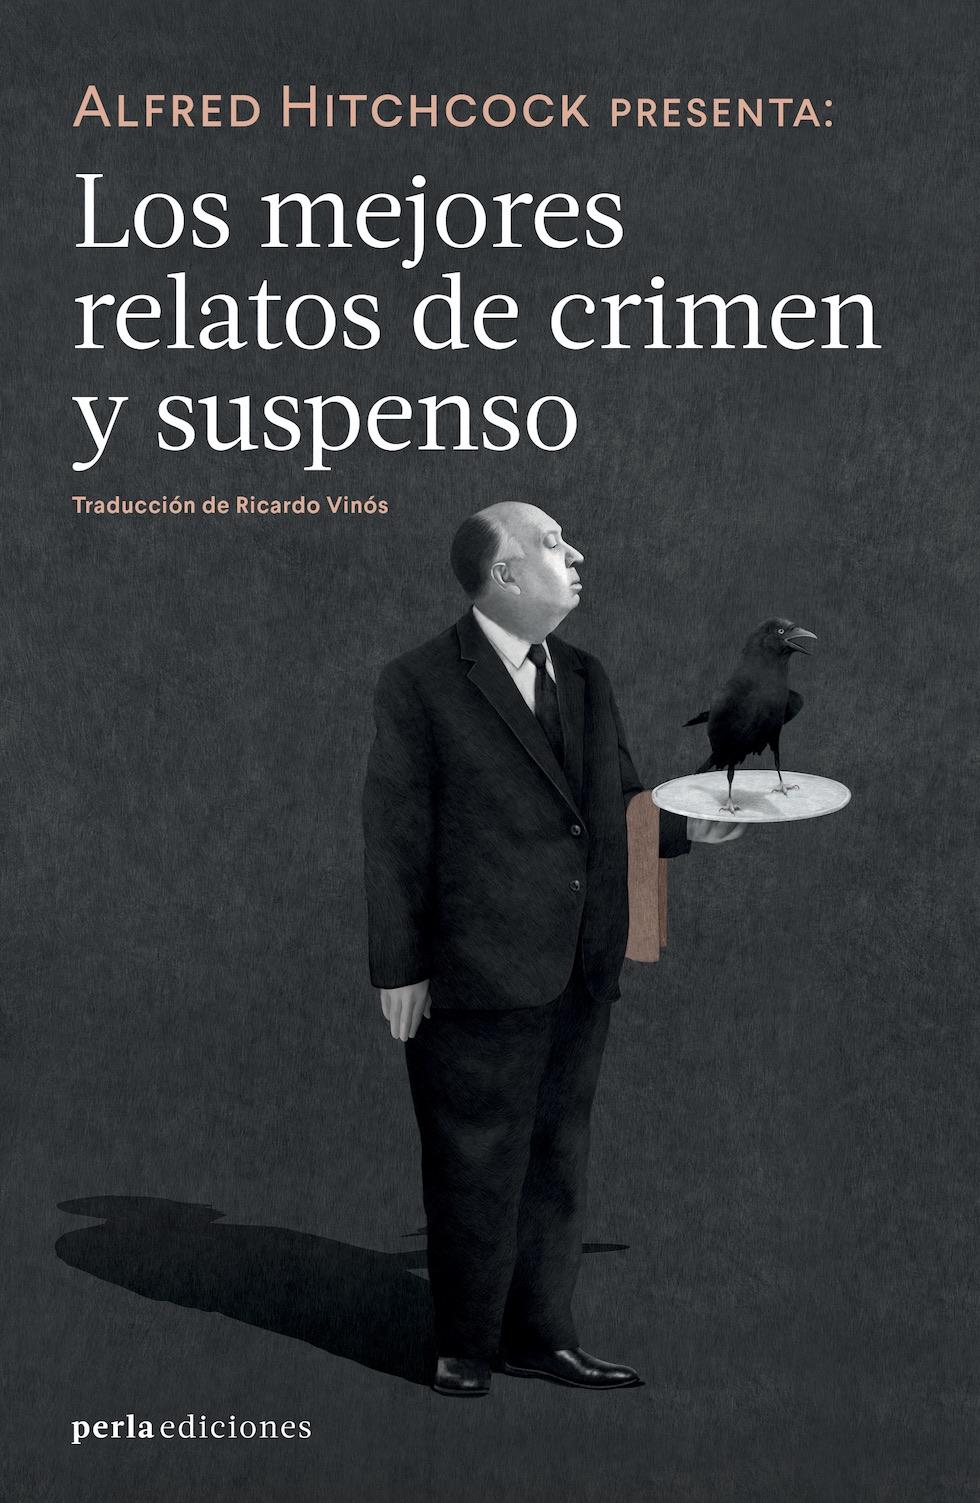 Los mejores relatos de crimen y suspenso